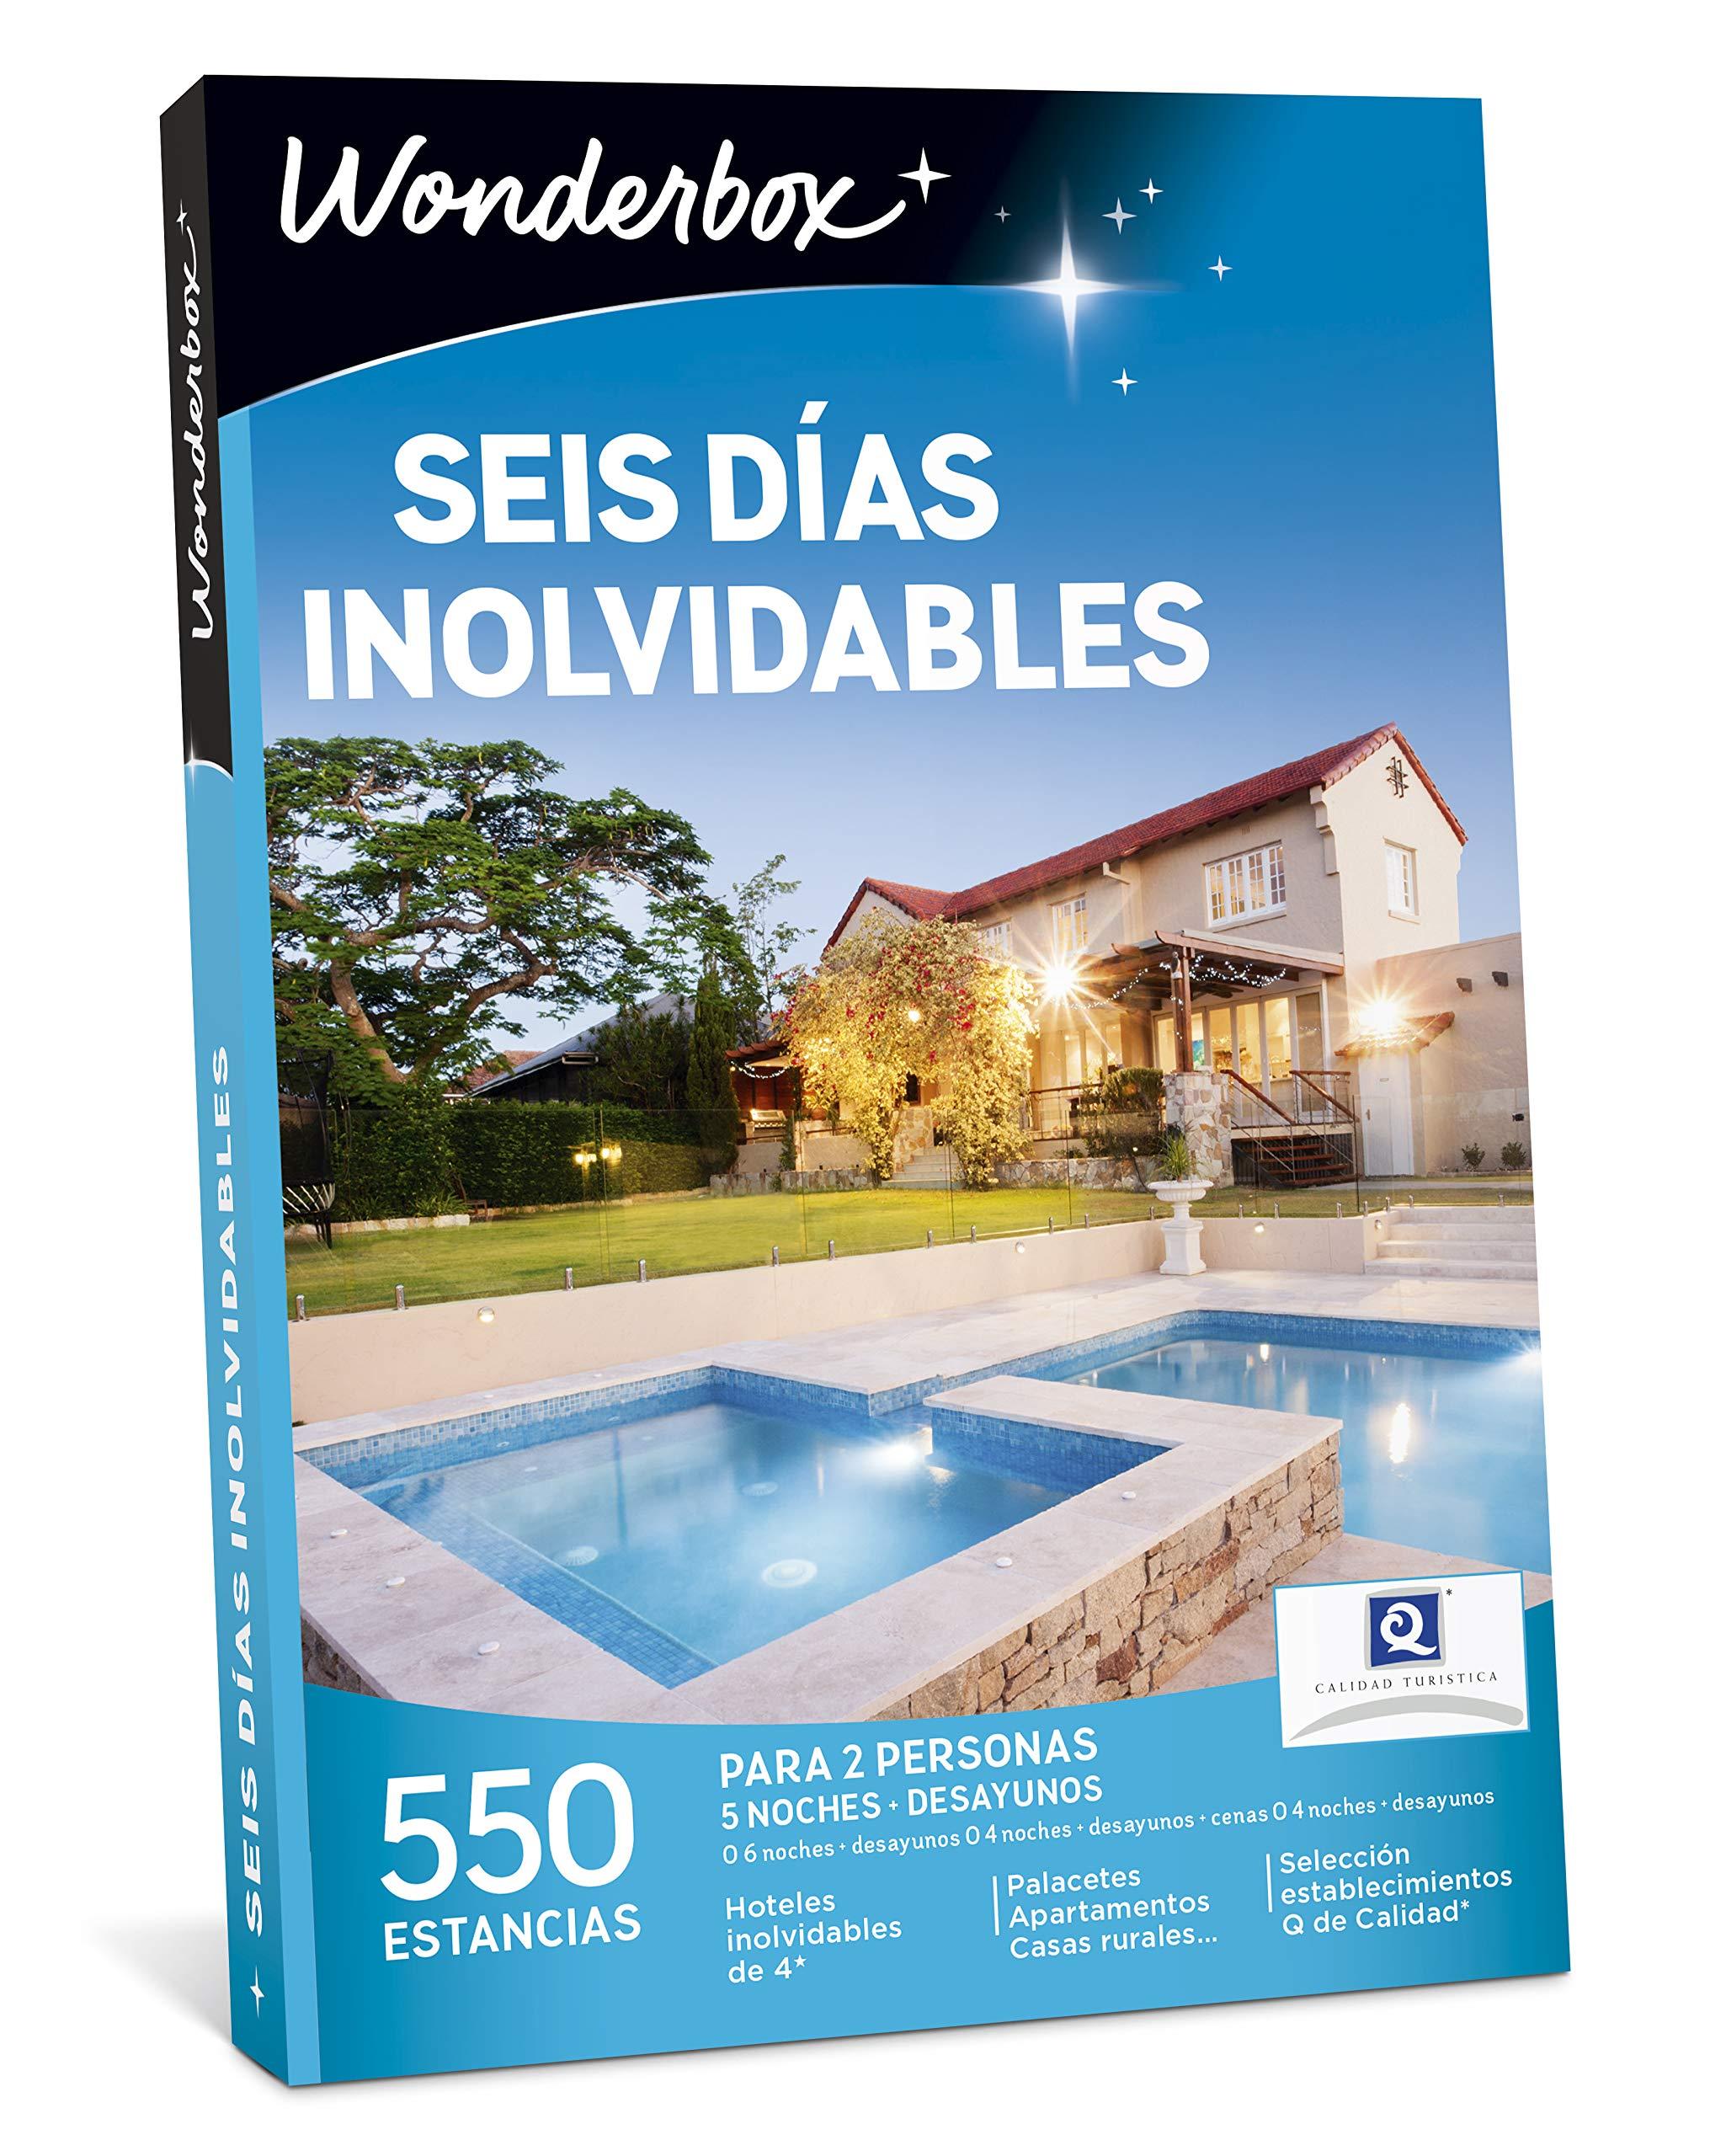 WONDERBOX Caja Regalo - Seis DÍAS INOLVIDABLES - 550 estancias en España y Europa: Amazon.es: Deportes y aire libre